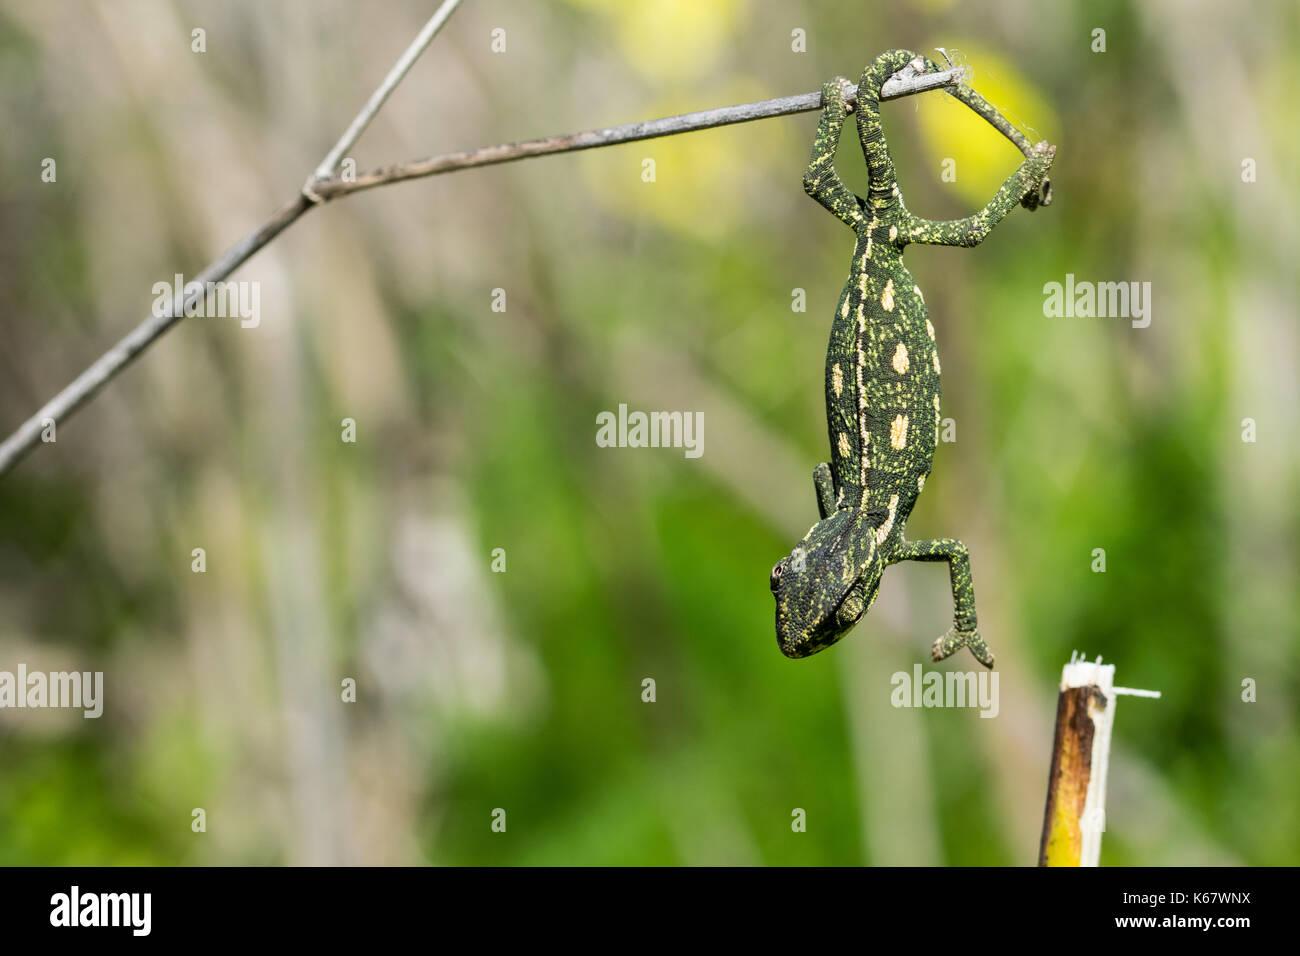 Un bébé caméléon holding sur et en essayant d'équilibrer sur un rameau de fenouil, à l'aide de sa queue et des jambes. îles de Malte, MALTE Photo Stock